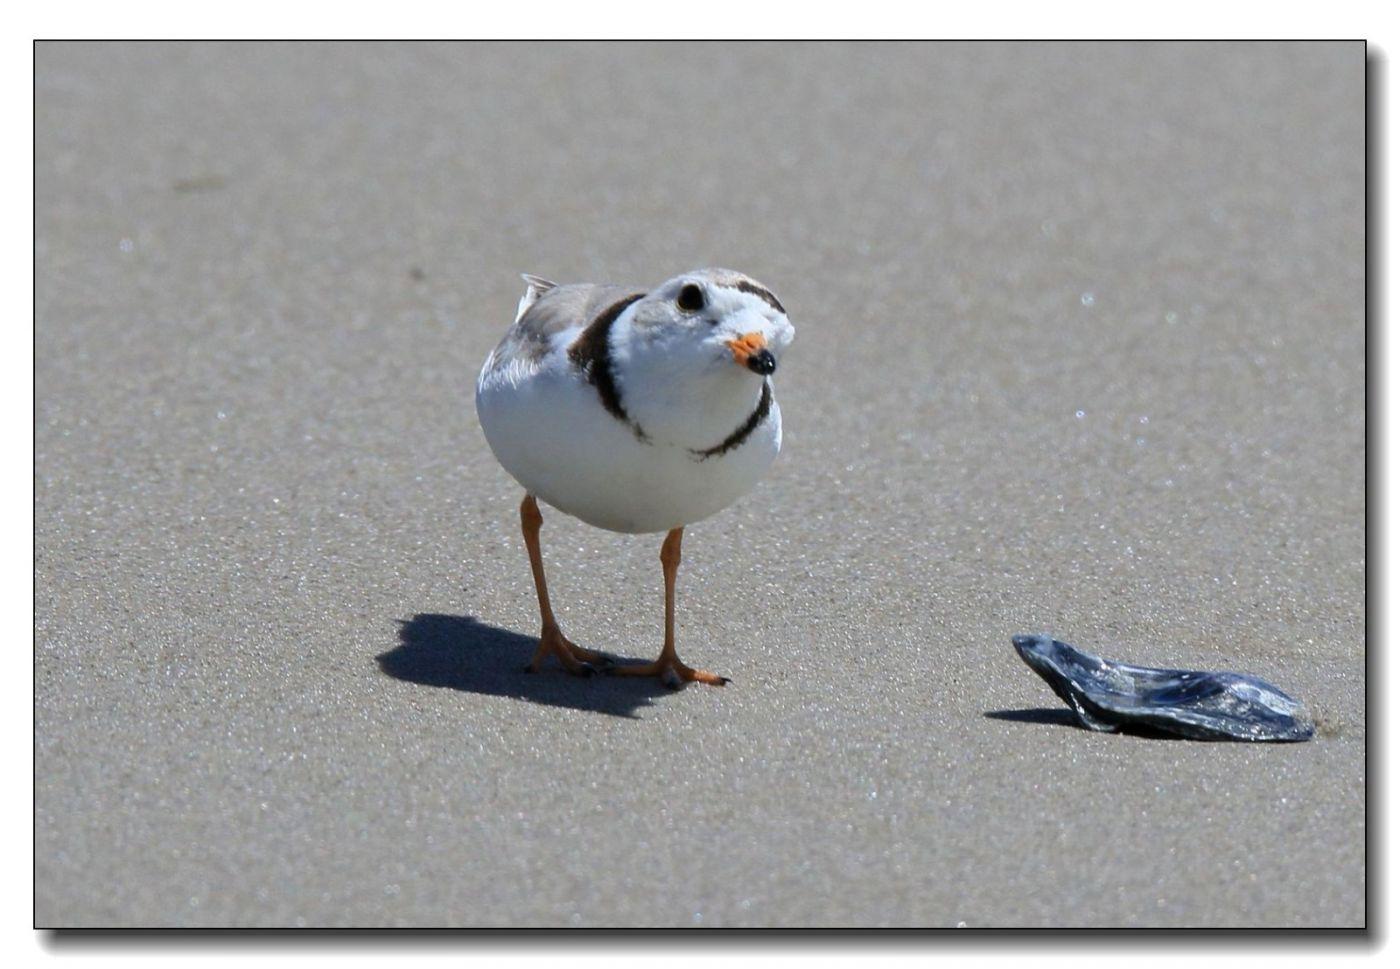 洛克威海滩拍鸟—环颈鸻_图1-4